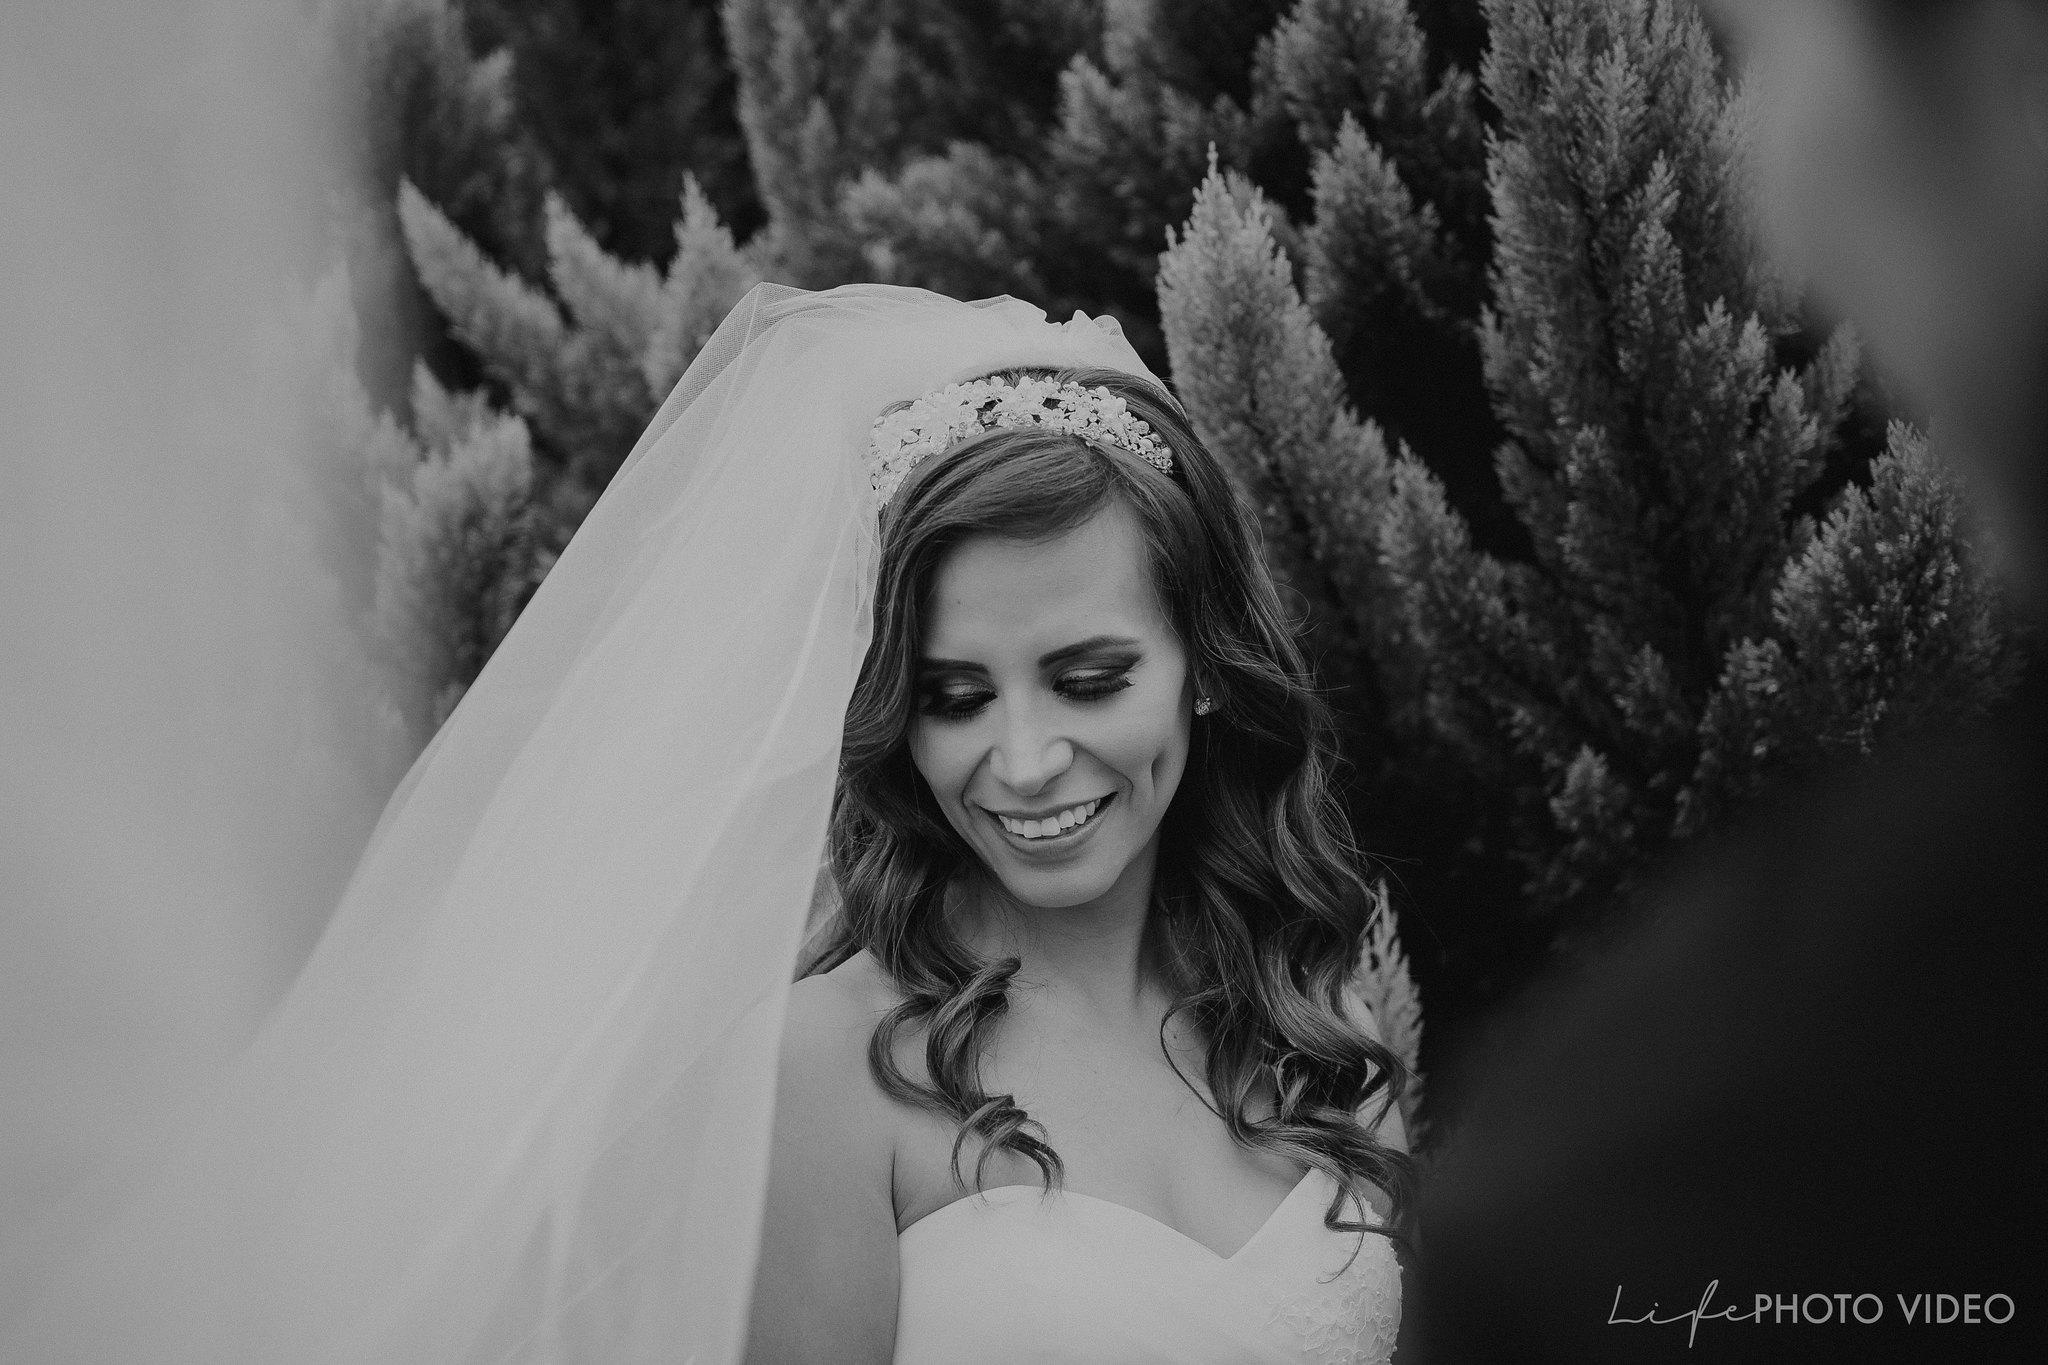 Boda_LeonGto_Wedding_LifePhotoVideo_0017.jpg